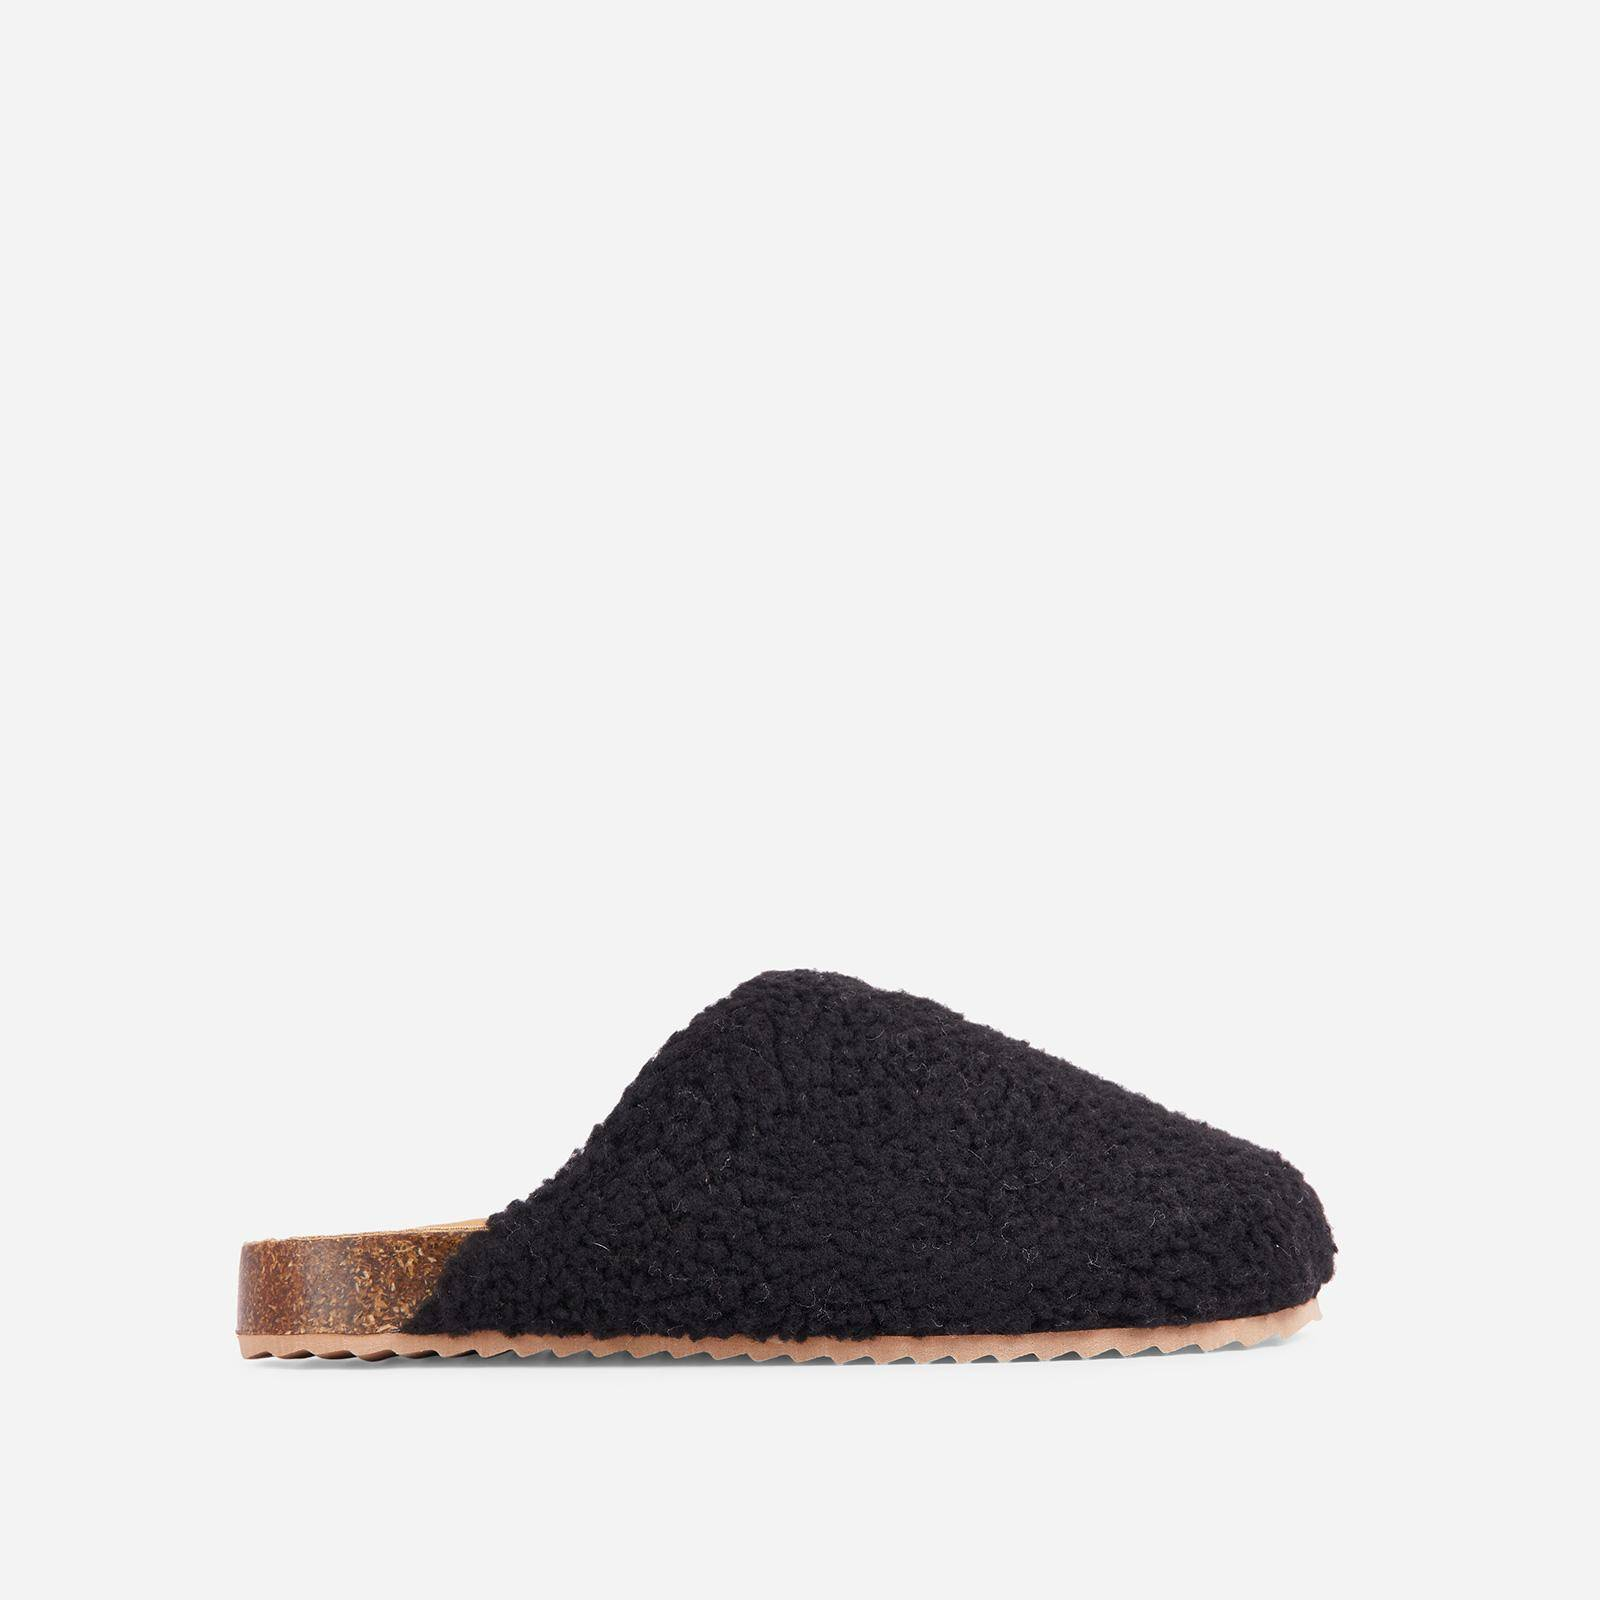 EGO Oozy Flat Mule In Black Faux Shearling, Black  - female - Size: 10